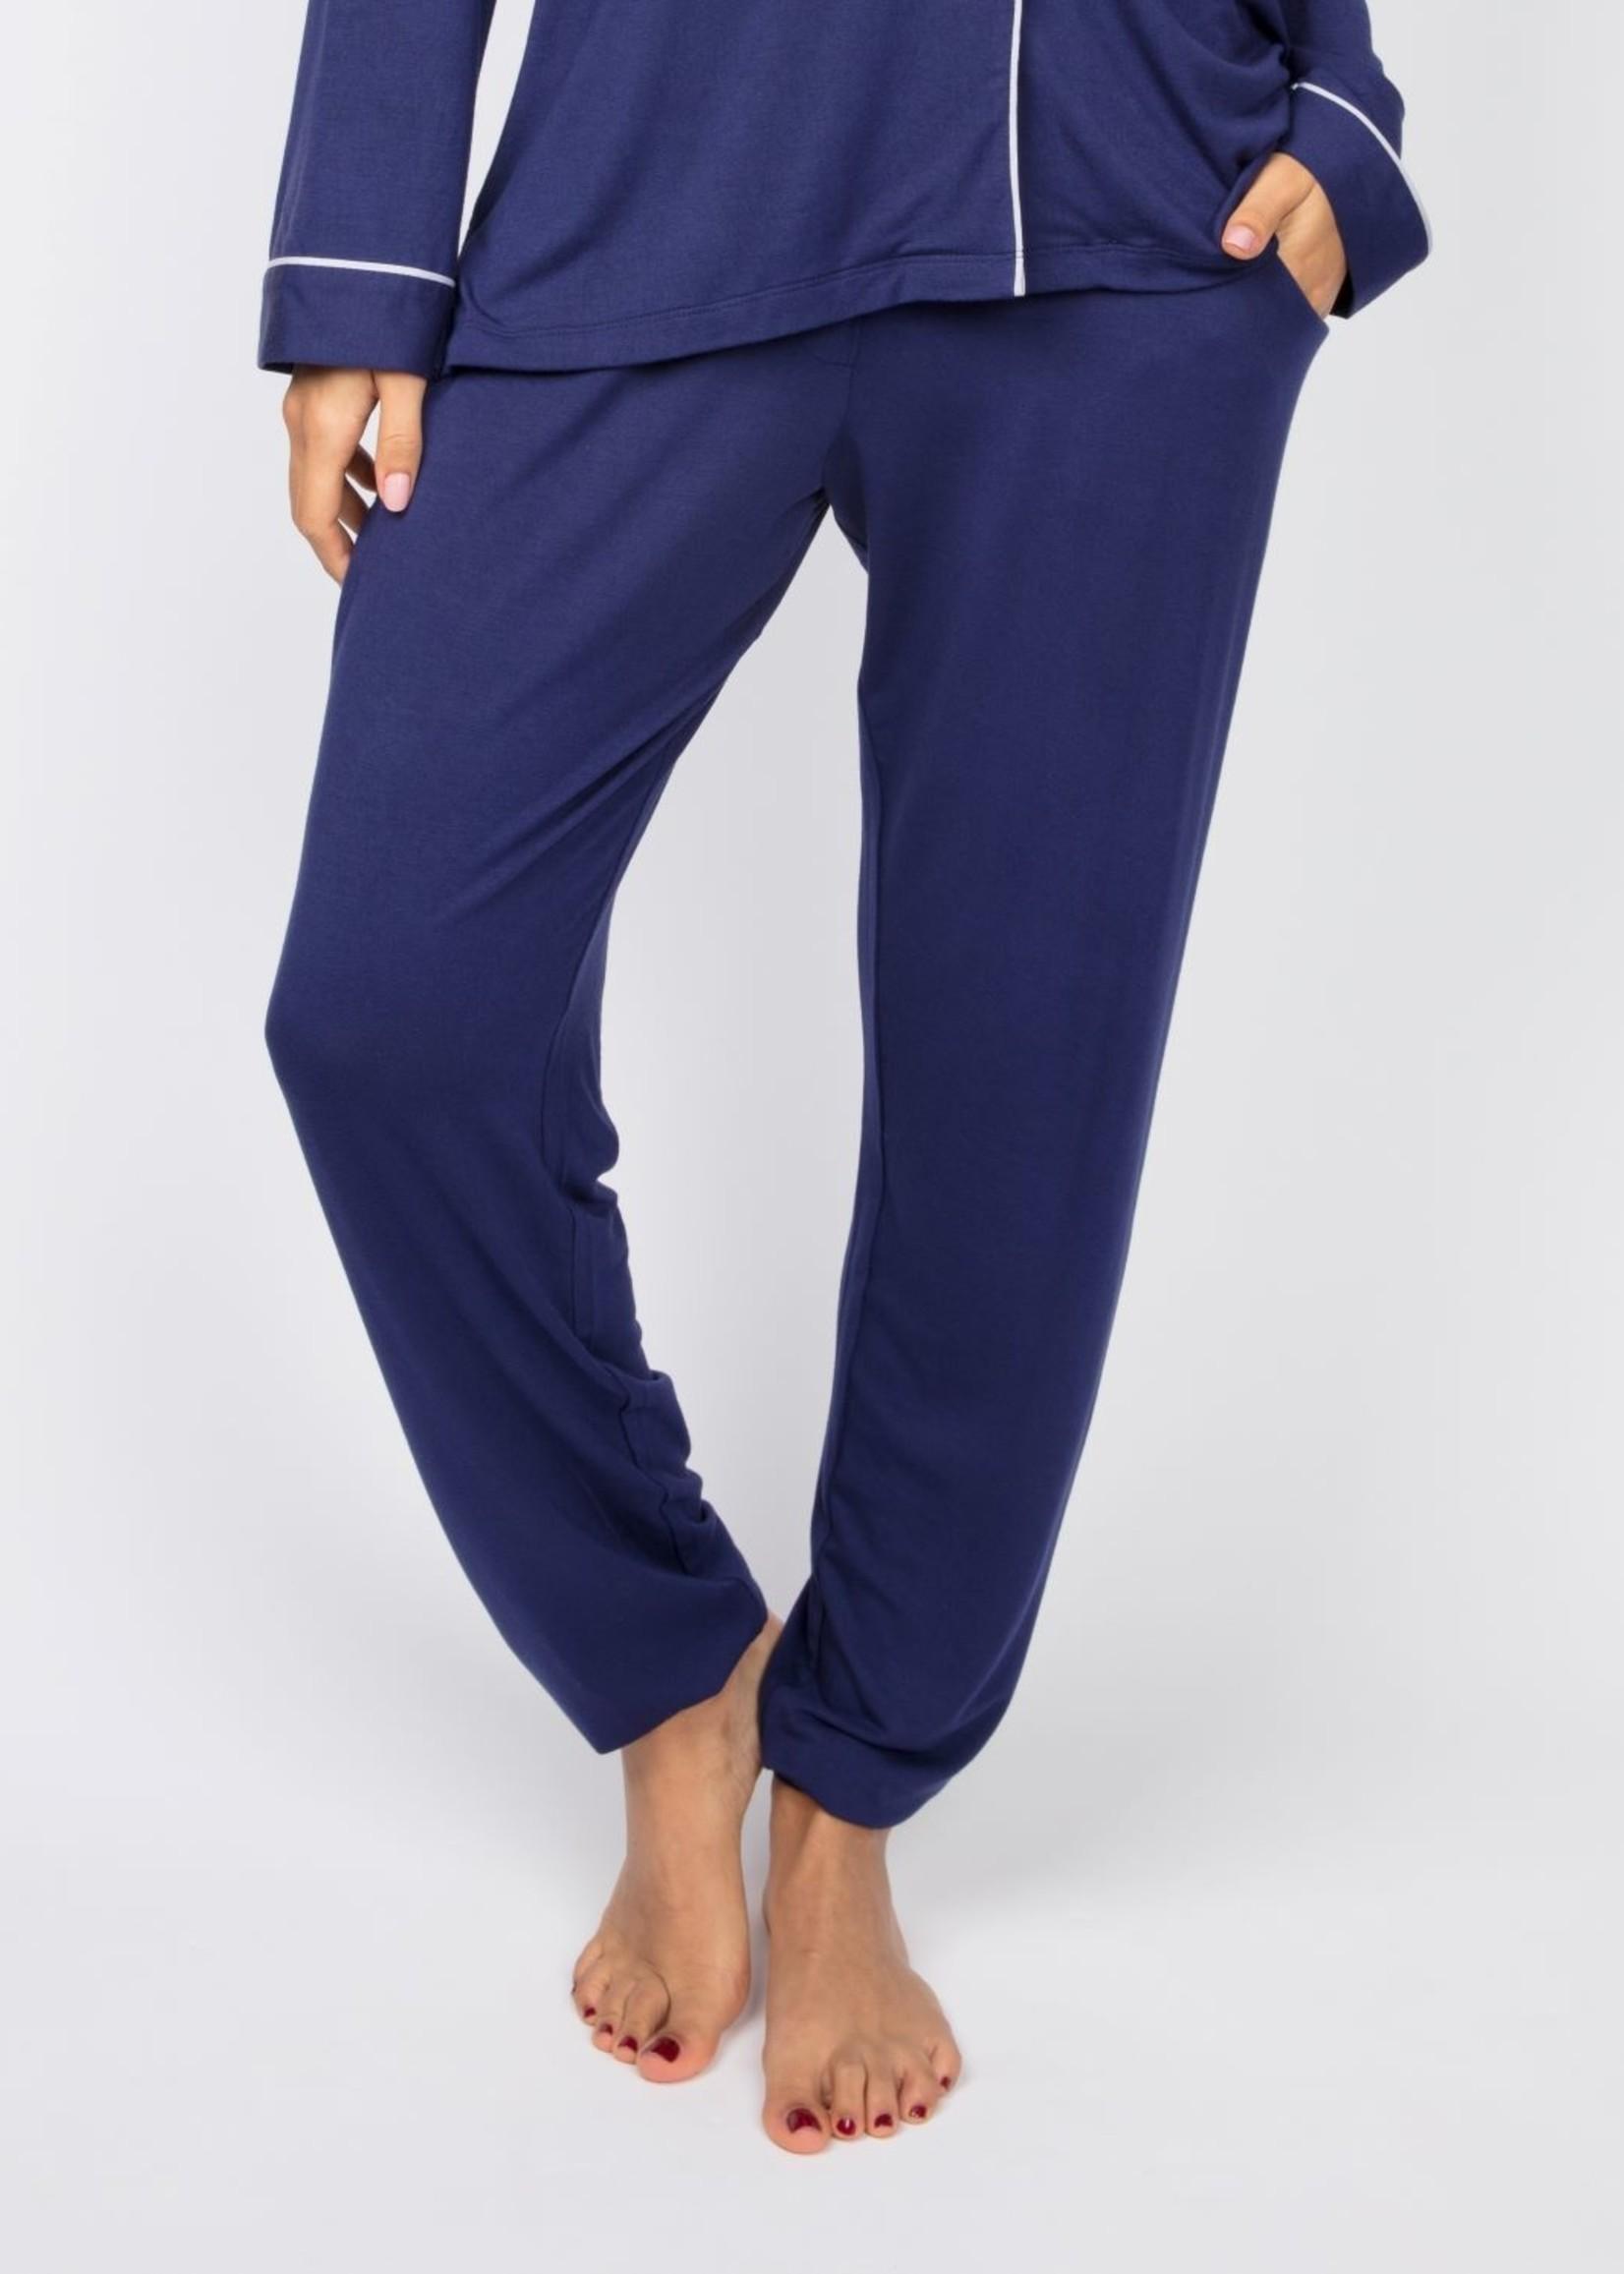 Cyberjammies Cyberjammies Ellie Jersey Pyjama Pants